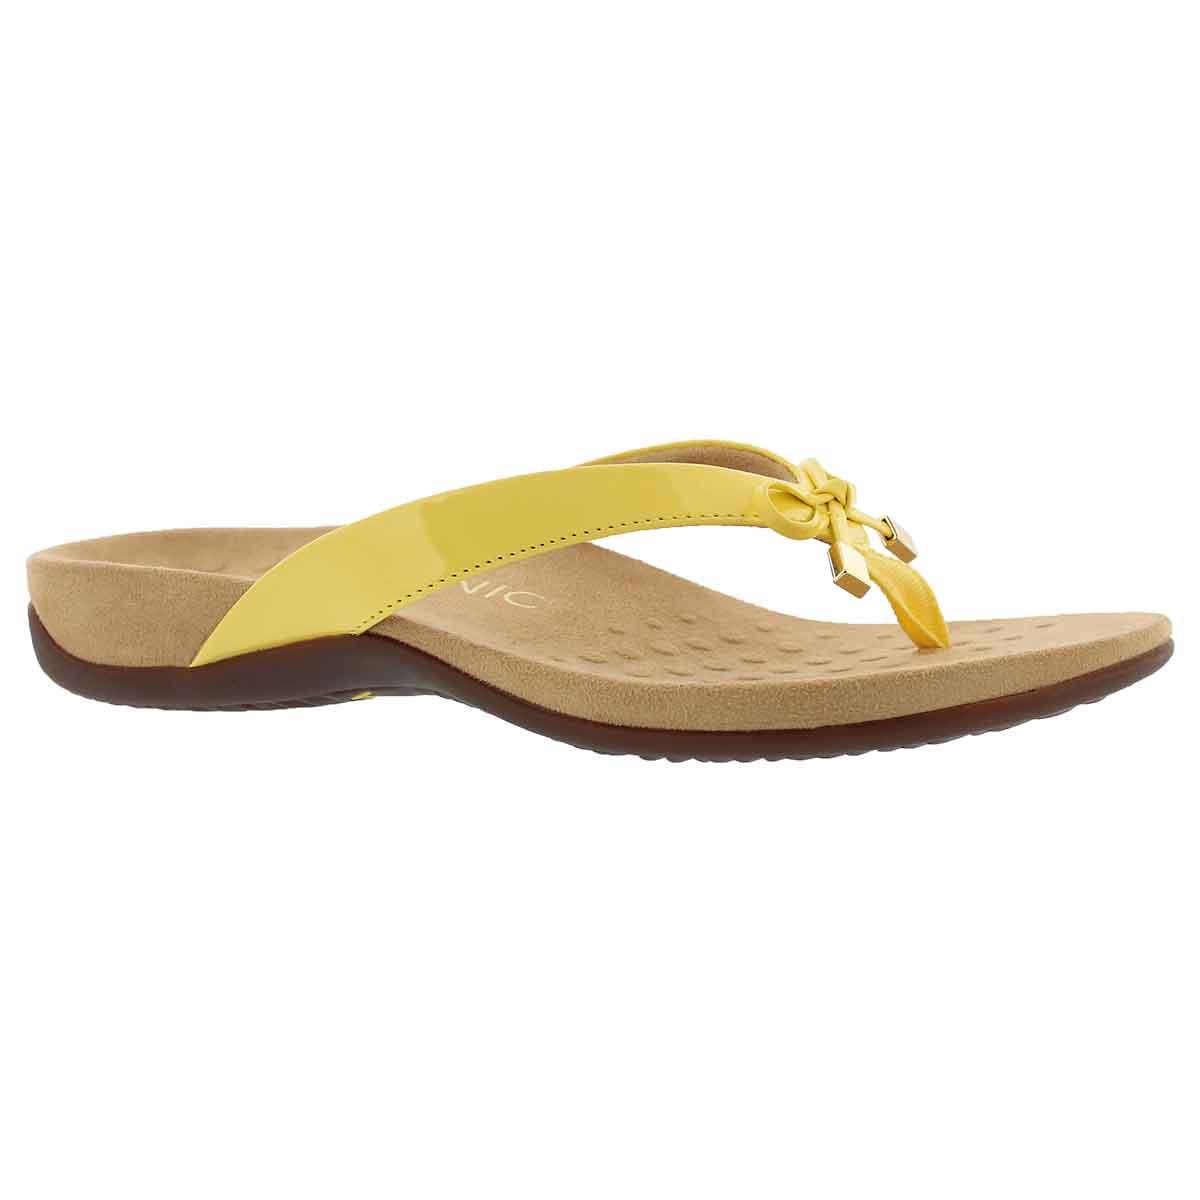 Women's BELLA II yellow arch supprt thong sandals